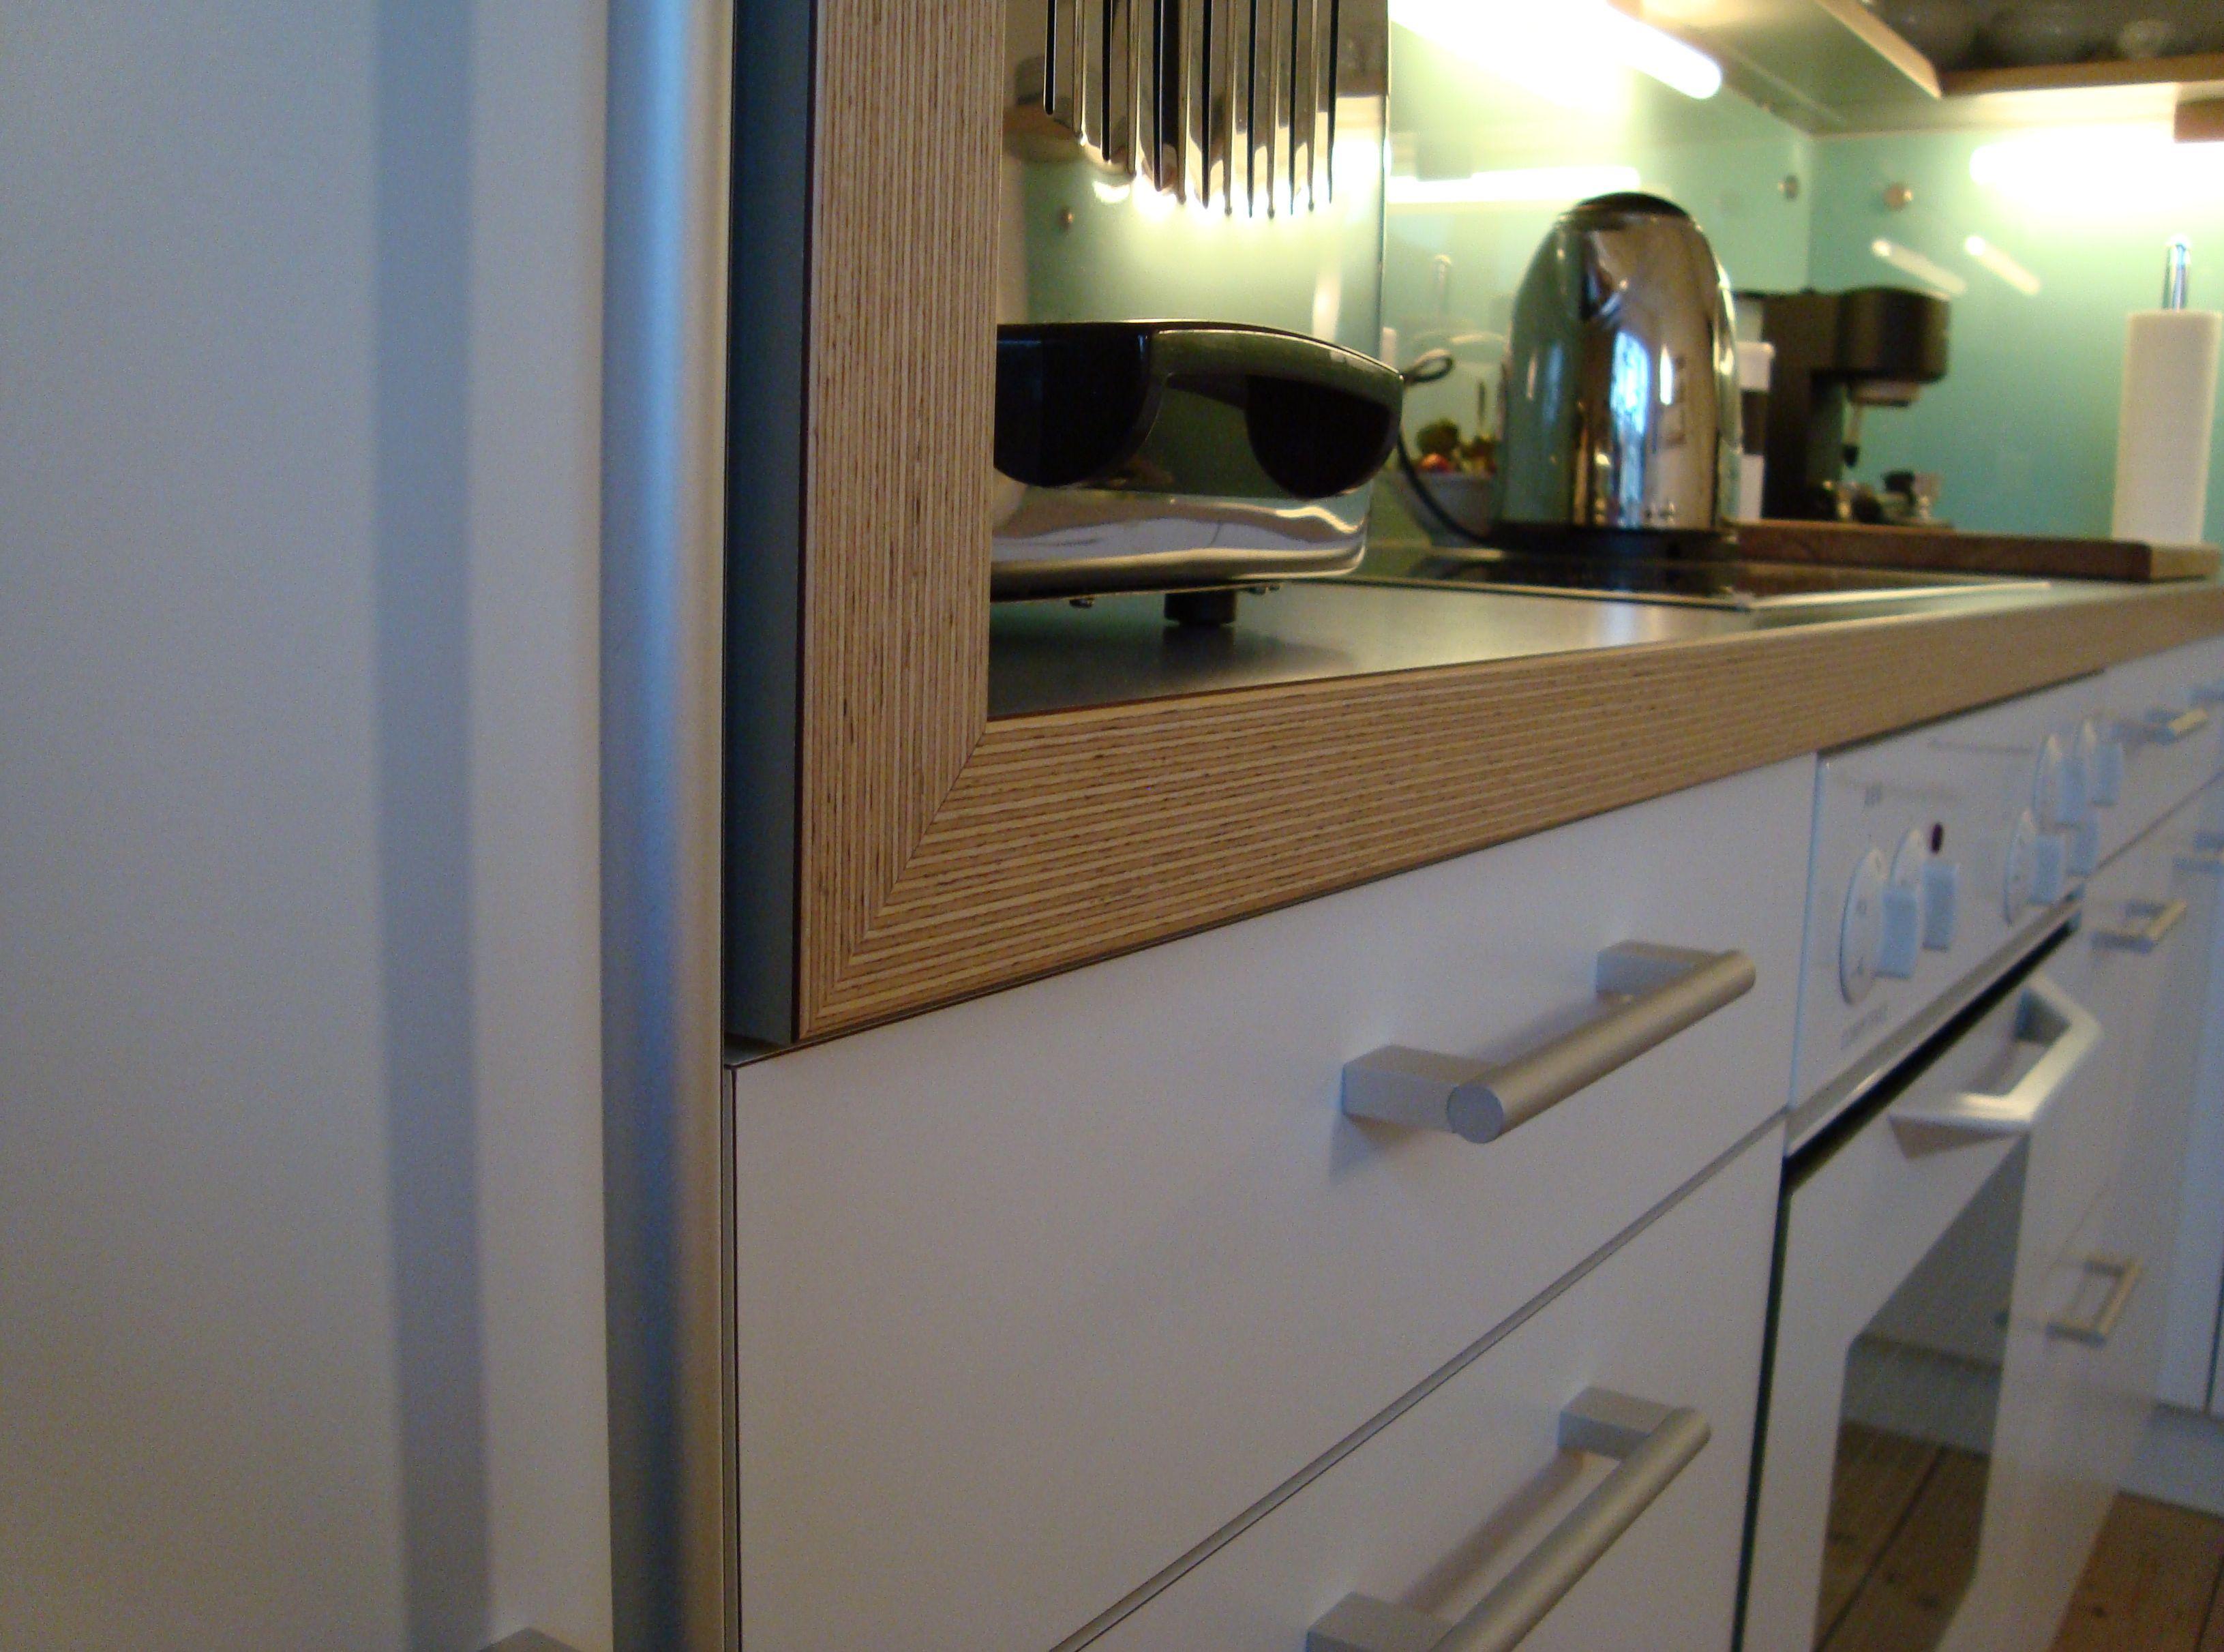 Detail Arbeitsplatte Mit Multiplex Kante Und Italienischem Hpl Beschichtet Glas Nischenruckwand Multiplex Keuken